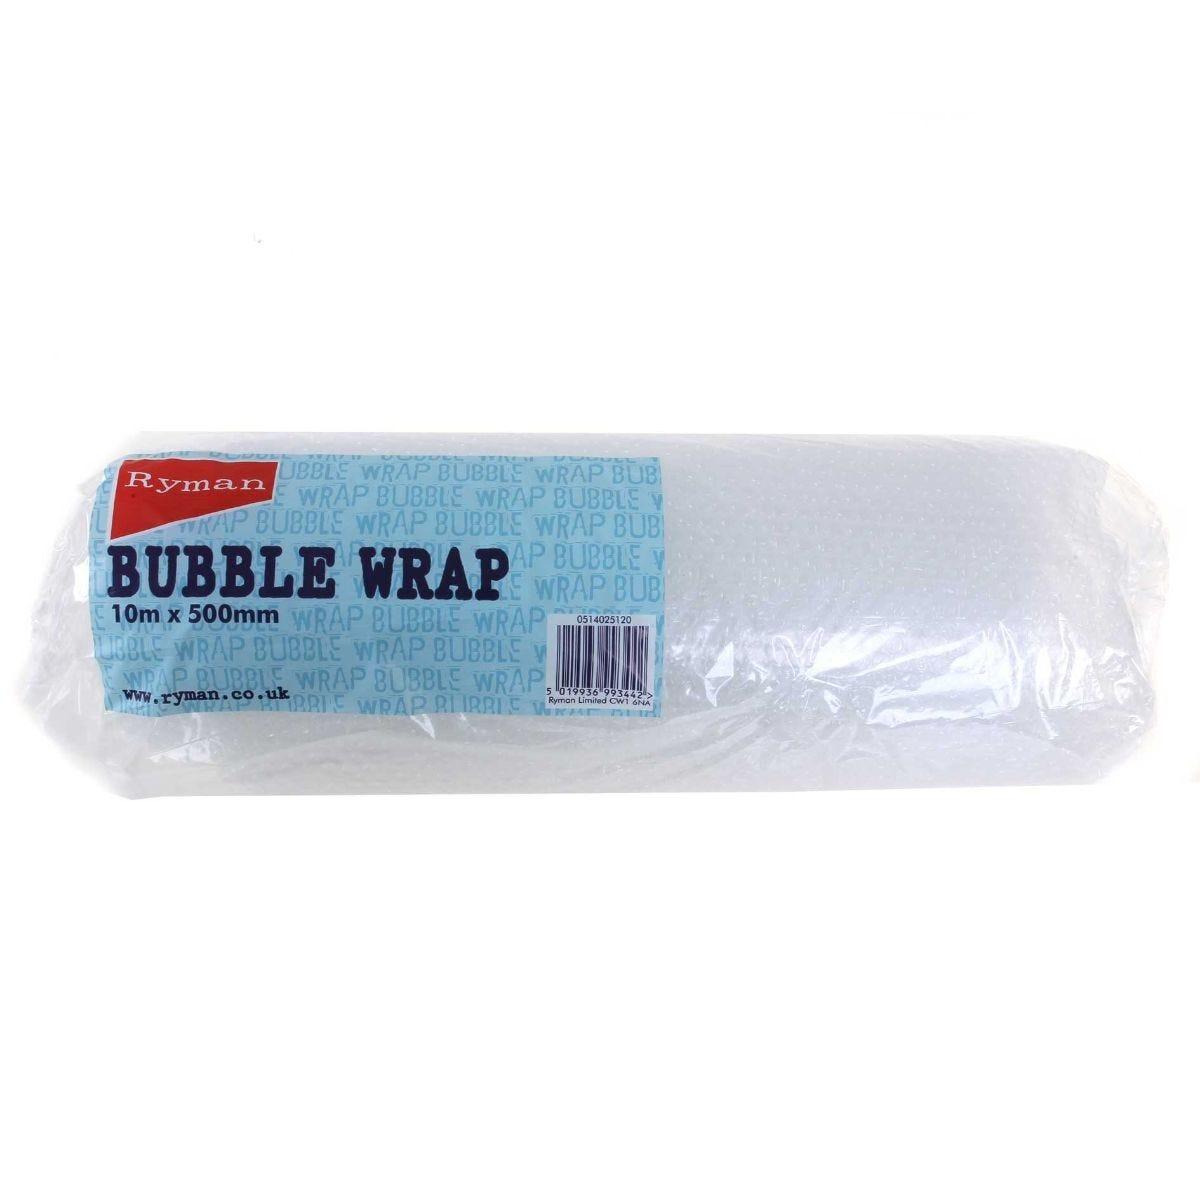 Ryman Bubblewrap Roll 500mm x 10m